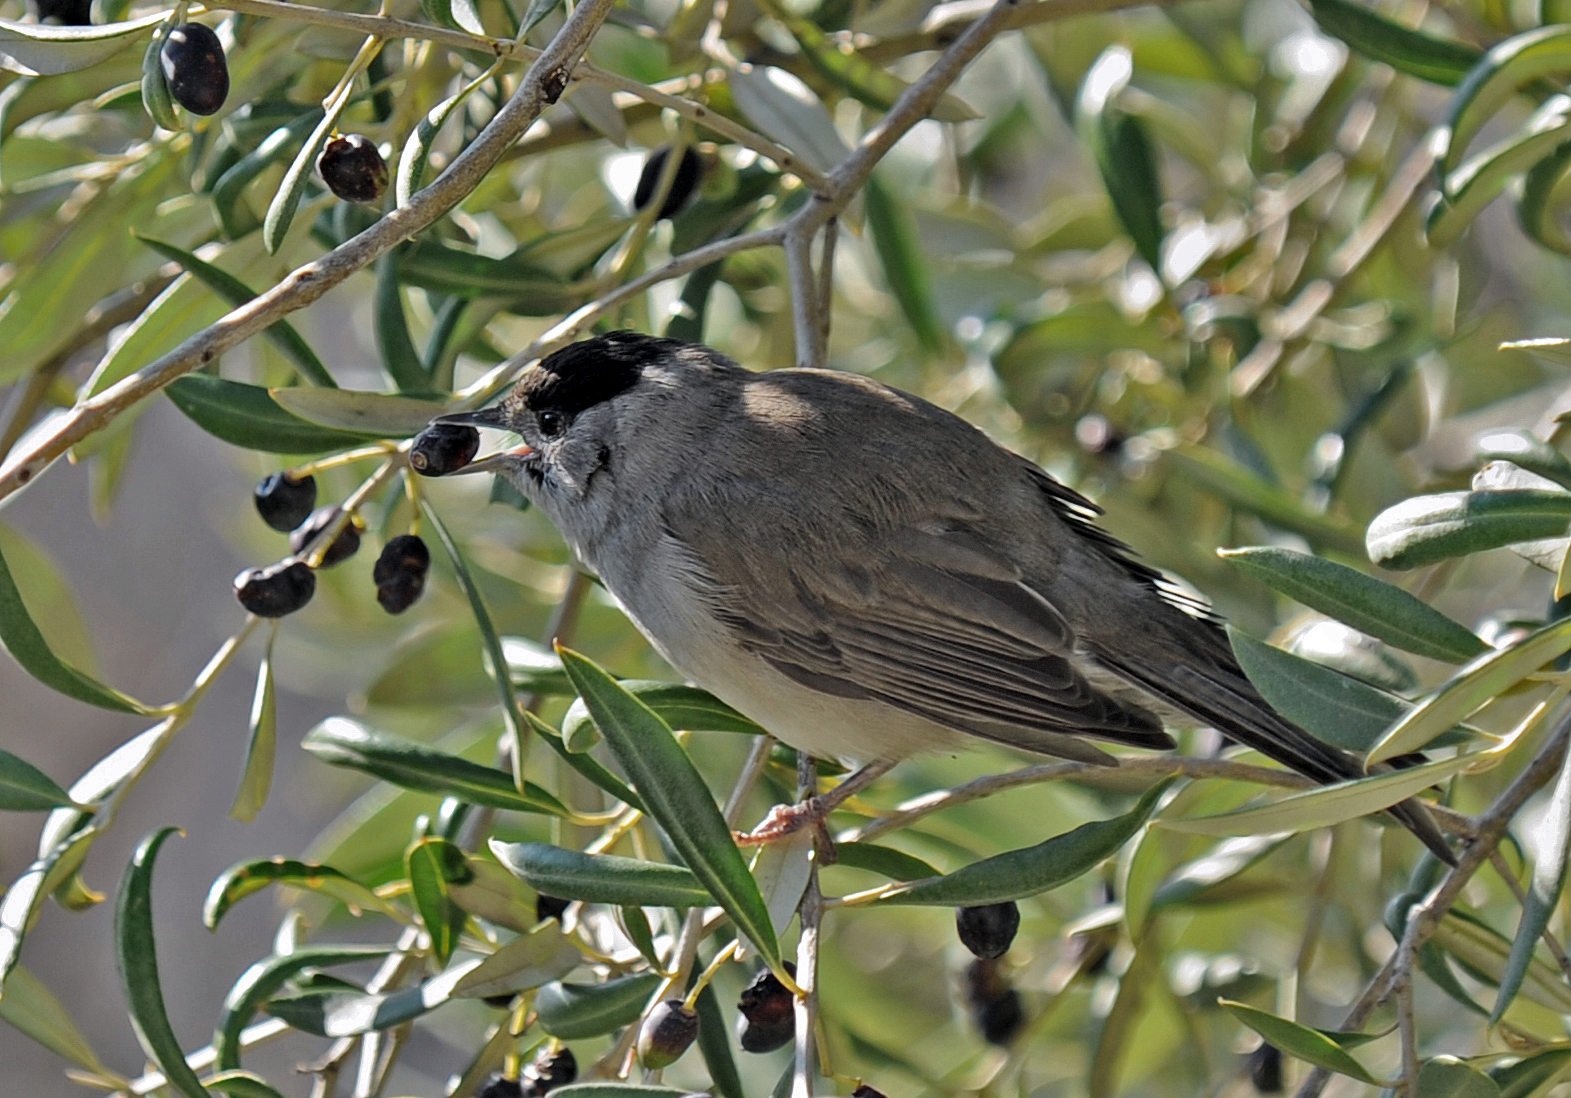 عکس زیبا از پرنده سسک سرسیاه روی درخت زیتون